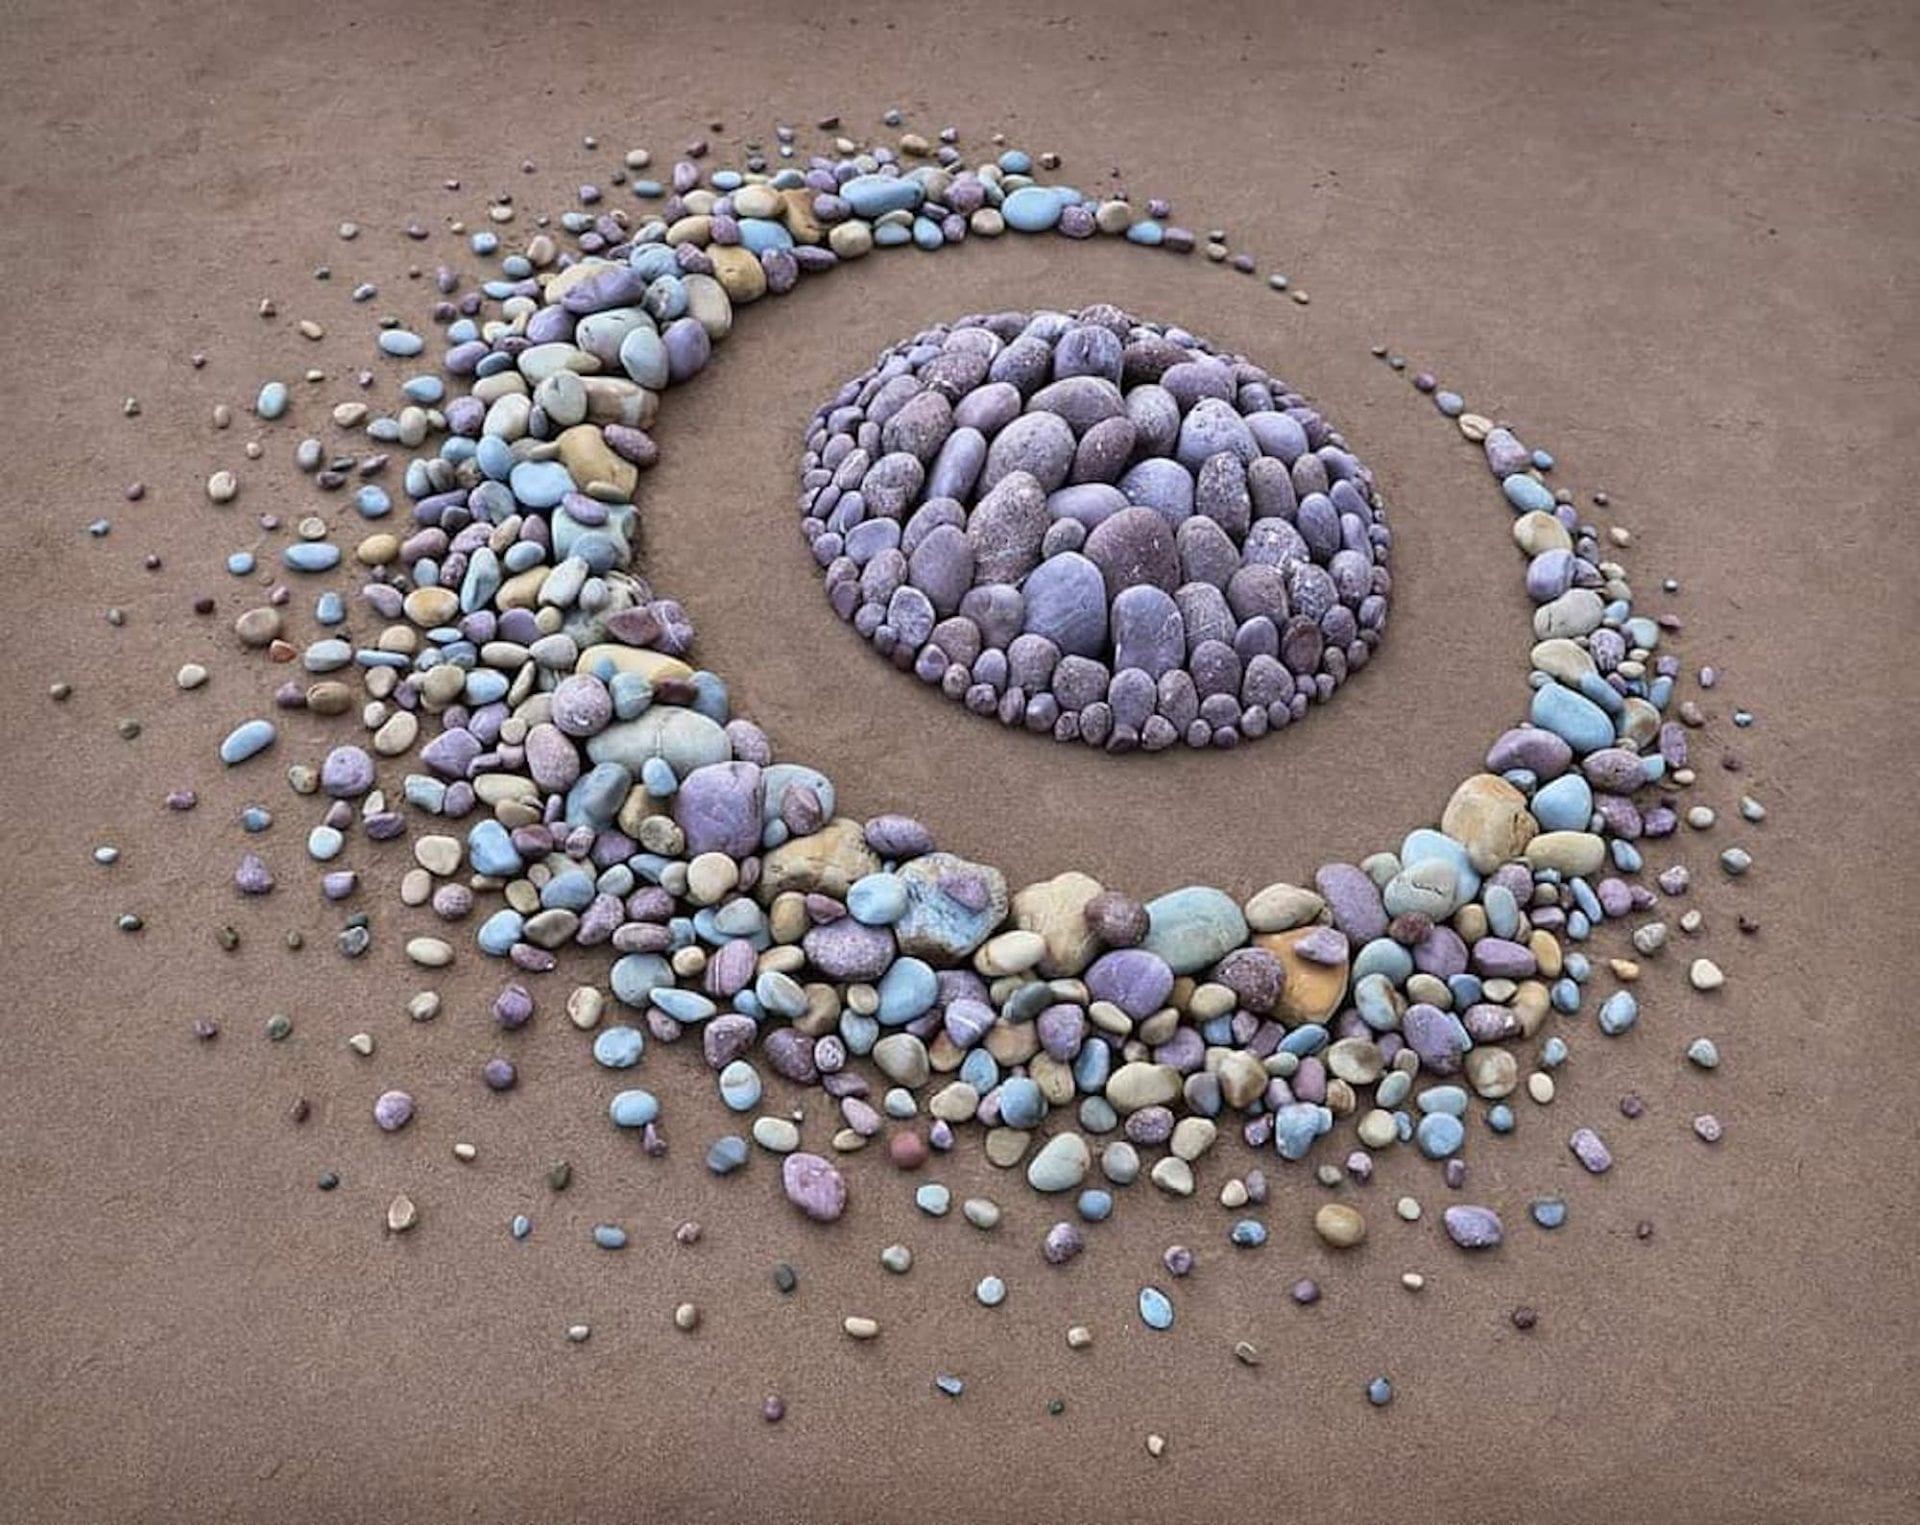 L'artiste Jon Foreman réalise des œuvres d'art fascinantes en alignant des pierres sur les plages